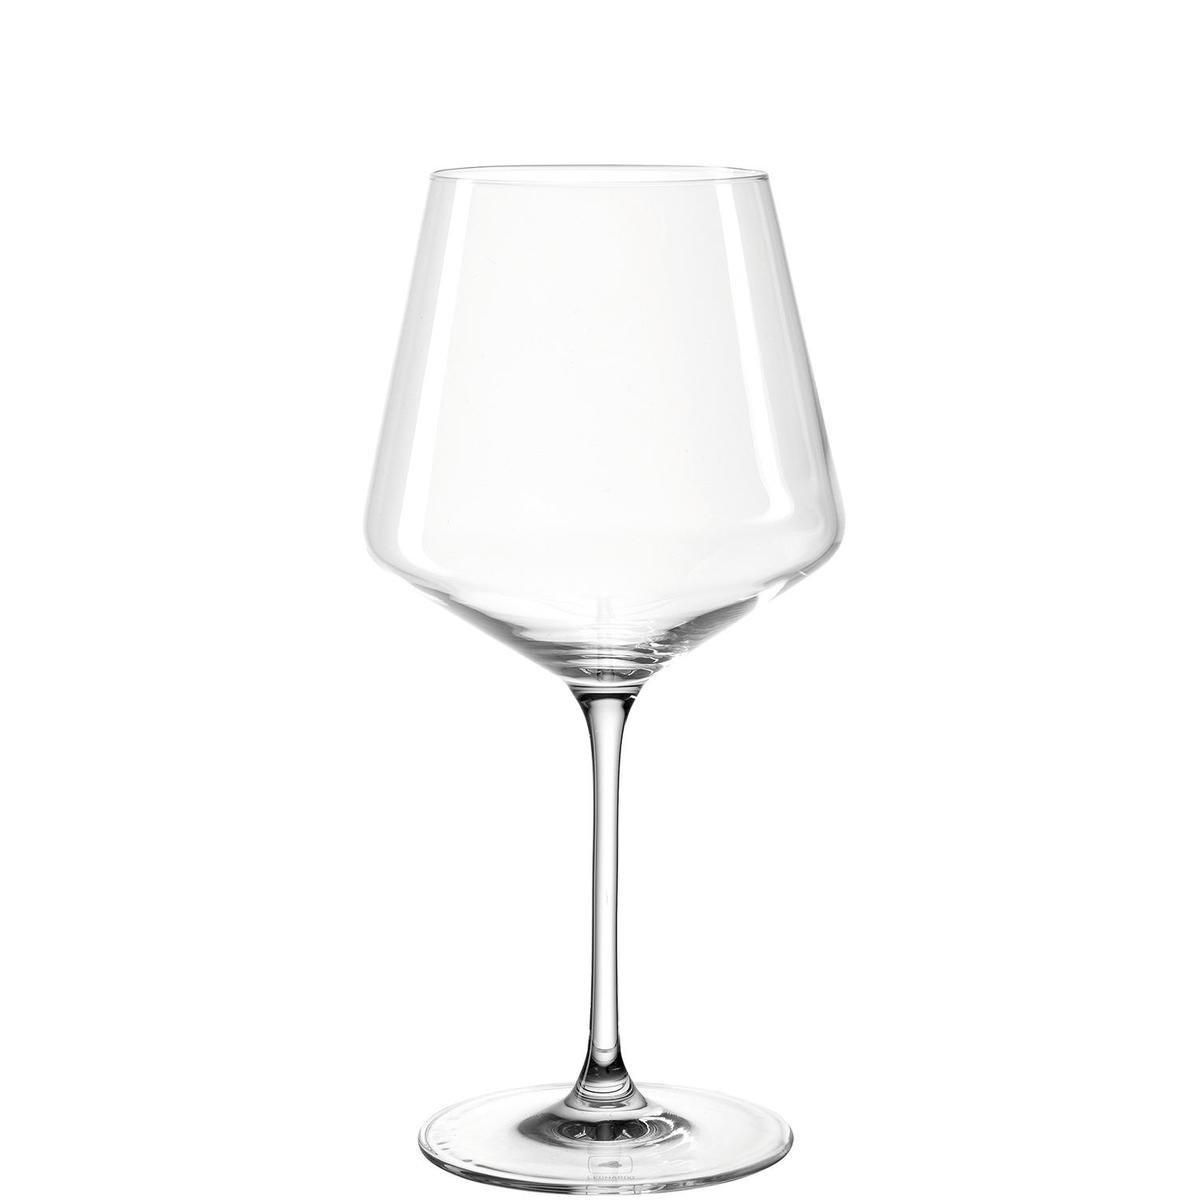 Leonardo Puccini Burgundy wijnglas Groot - hoogte 23 cm - 6 stuks